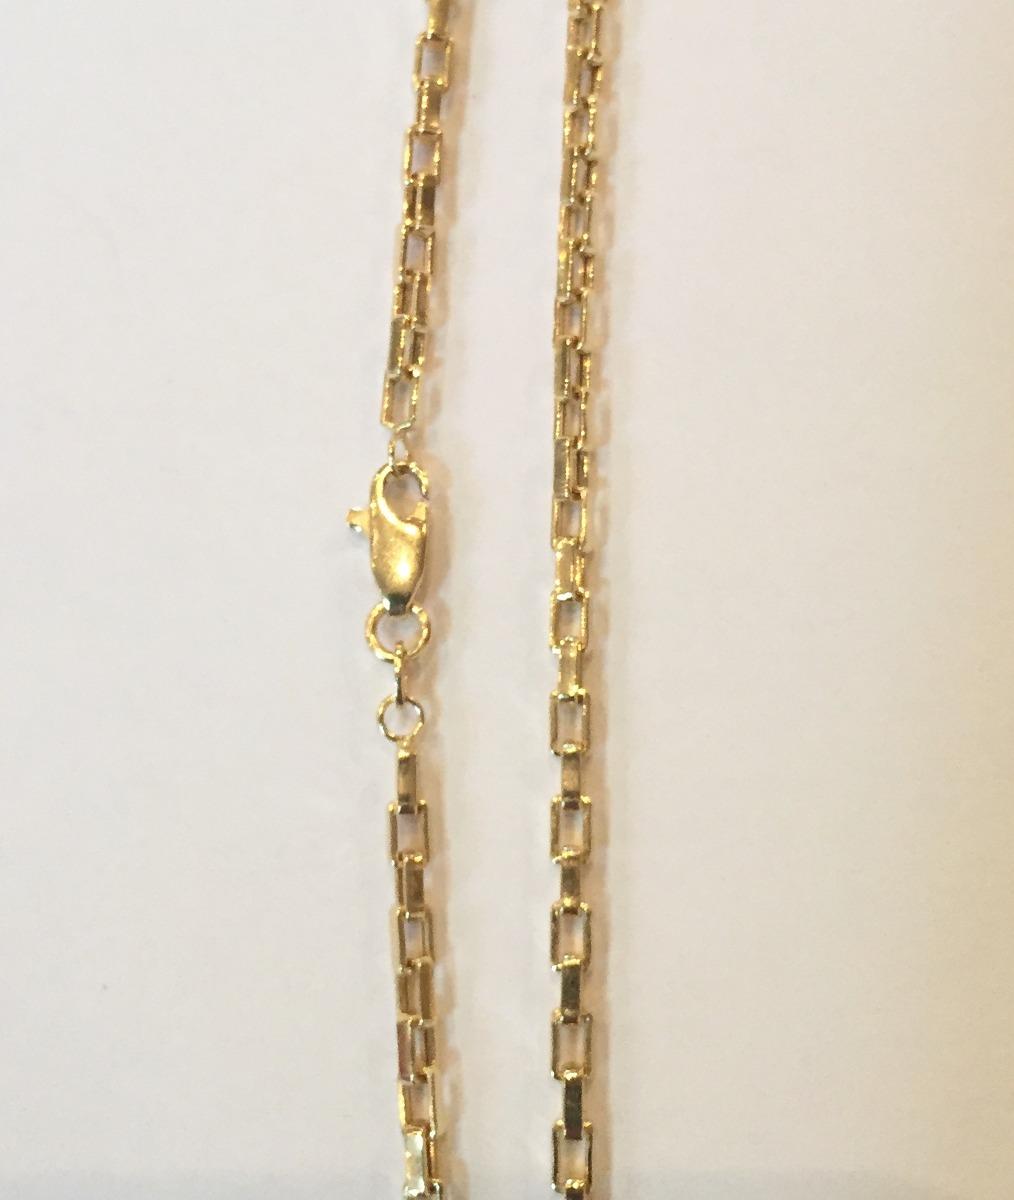 0bf55ec0bbf corrente cordão de ouro 18k cartier quadrado 7 gramas. Carregando zoom.